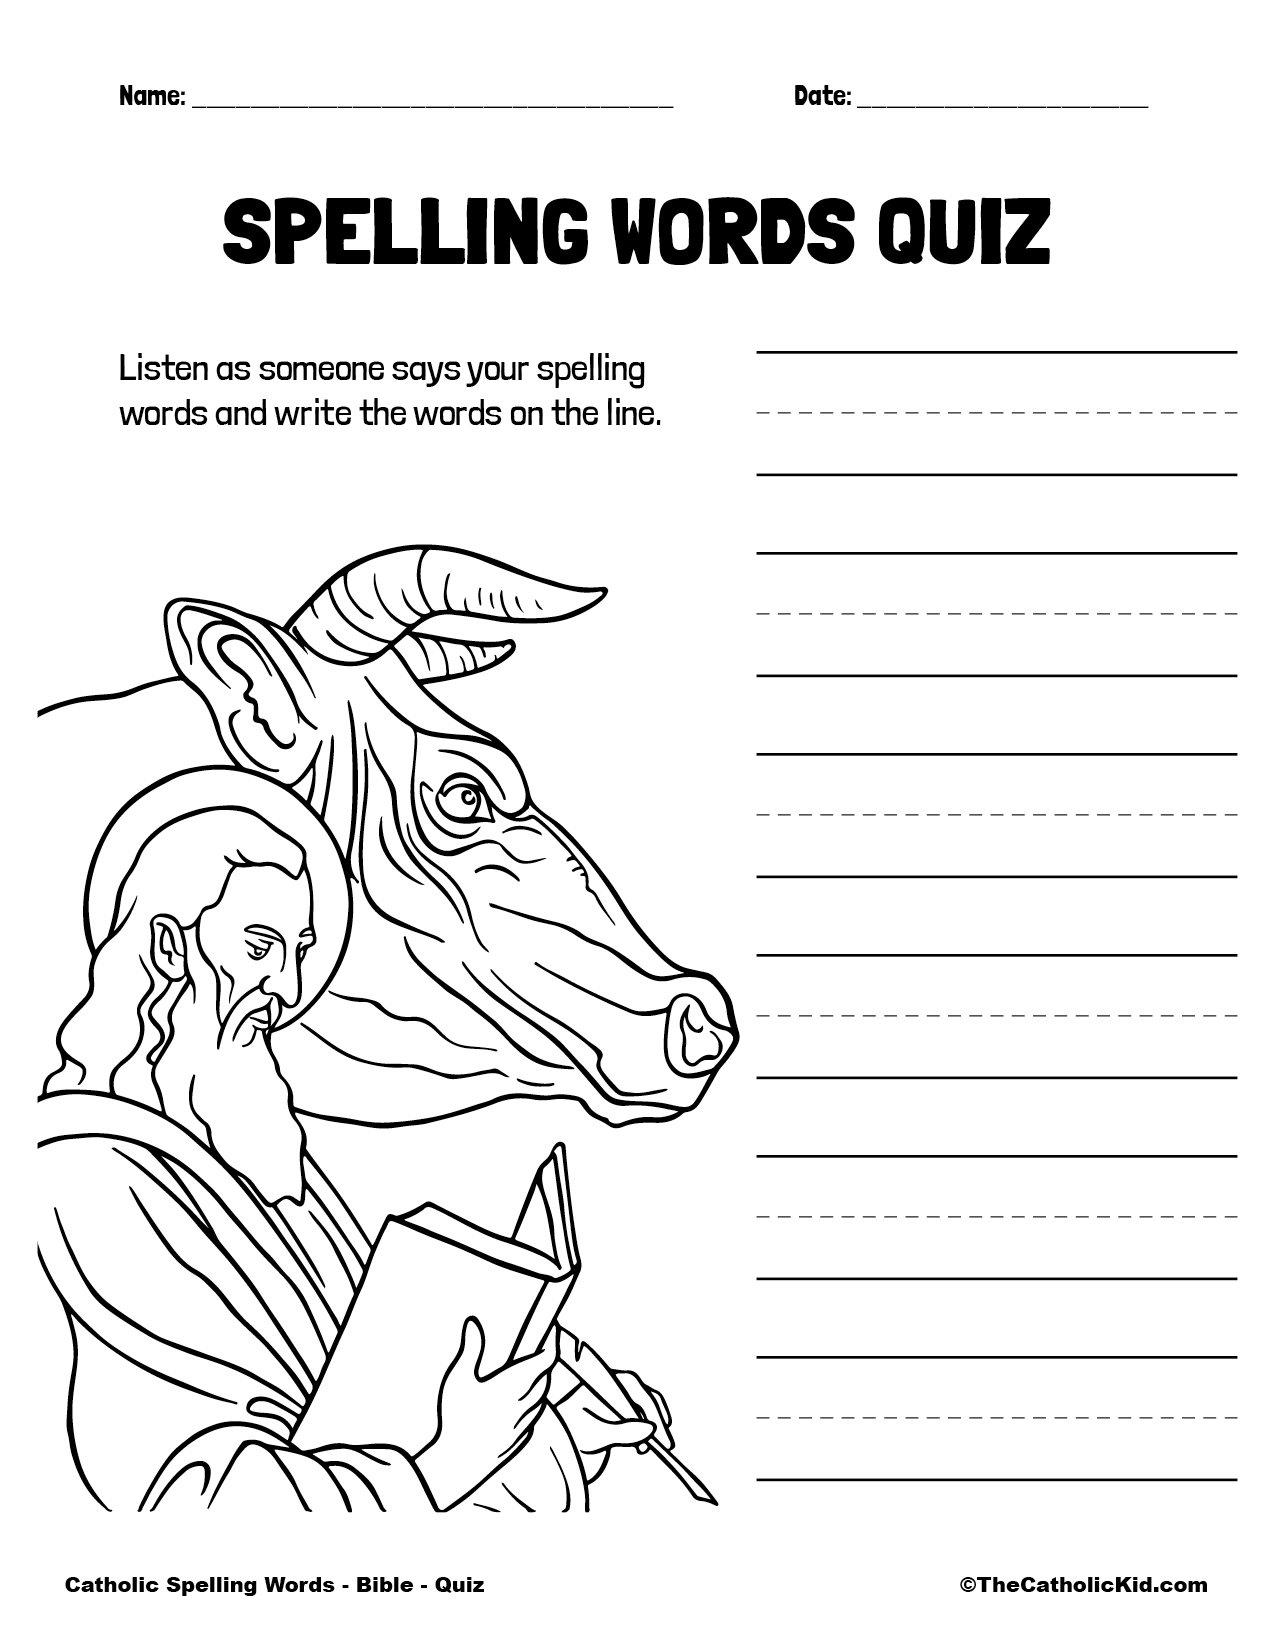 Catholic Spelling & Vocabulary Words Bible Worksheet 5 Quiz